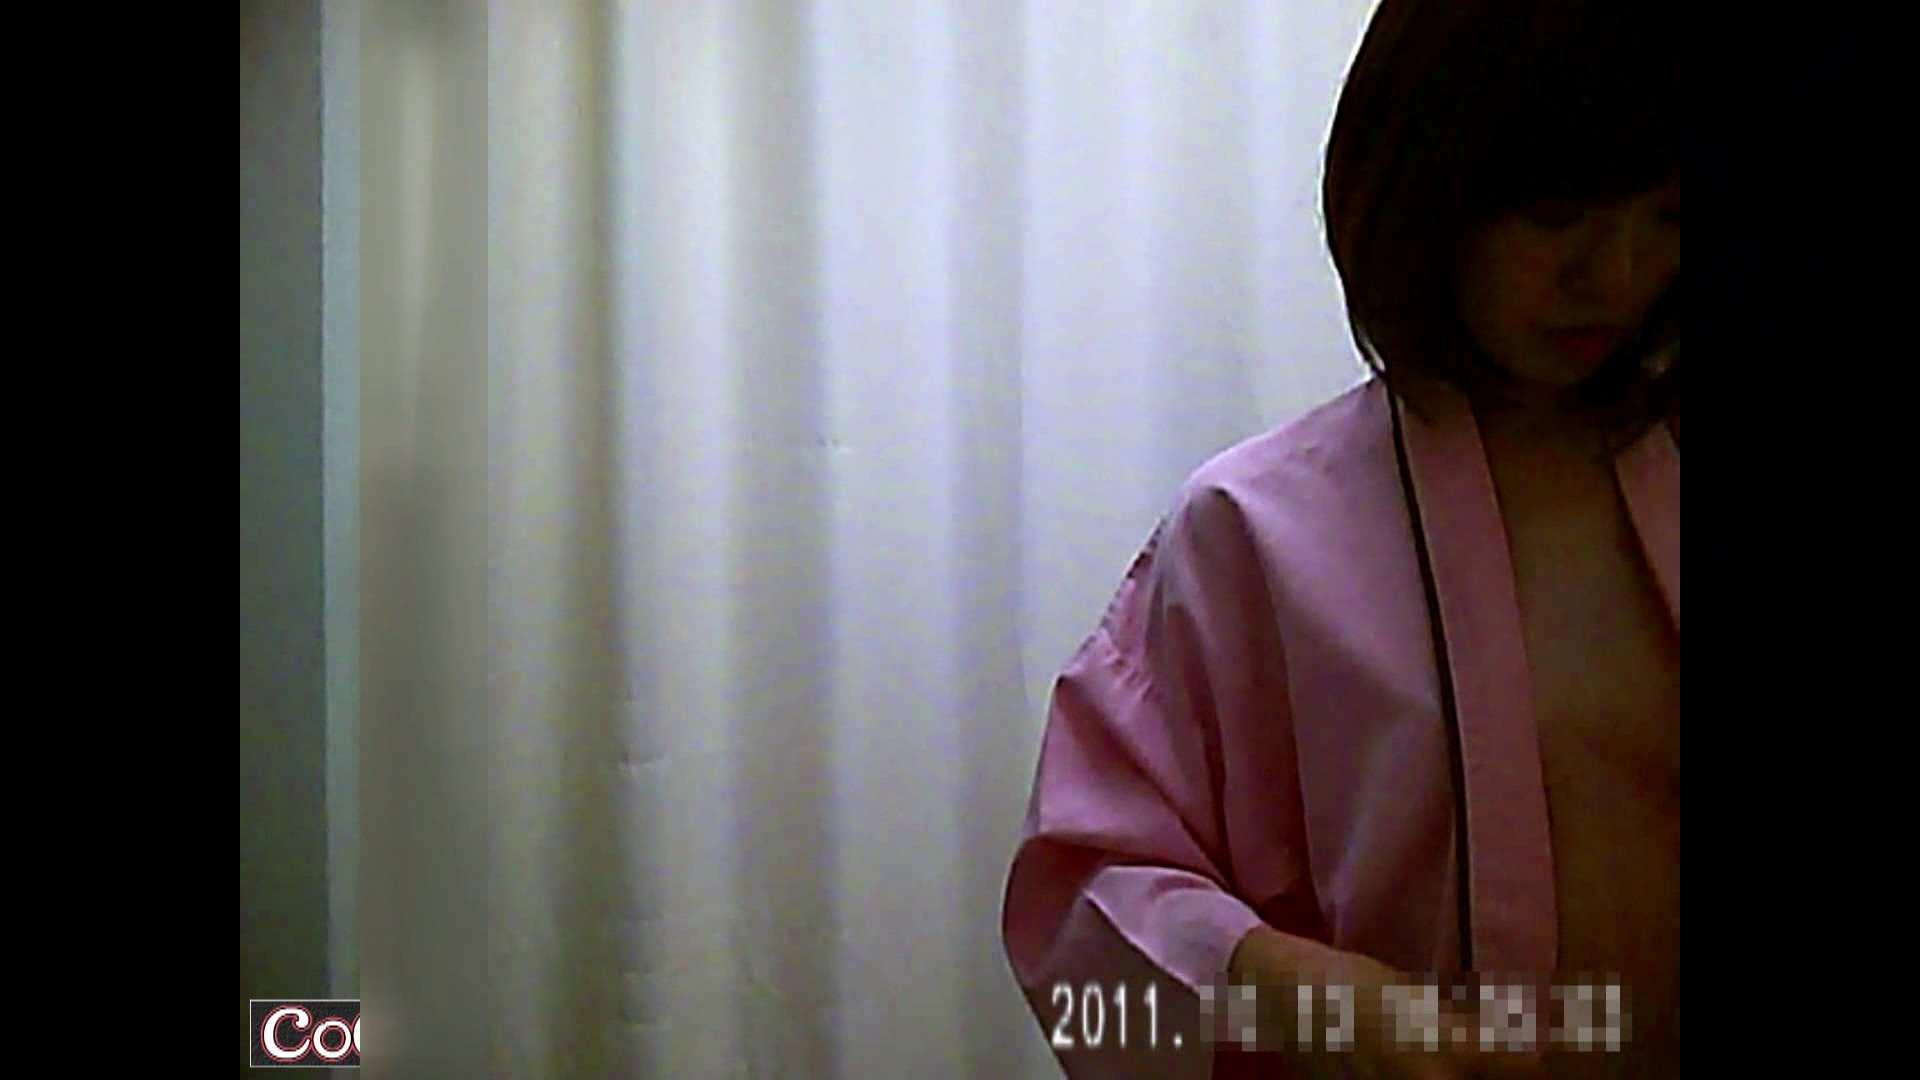 病院おもいっきり着替え! vol.58 盗撮師作品 AV動画キャプチャ 102pic 101